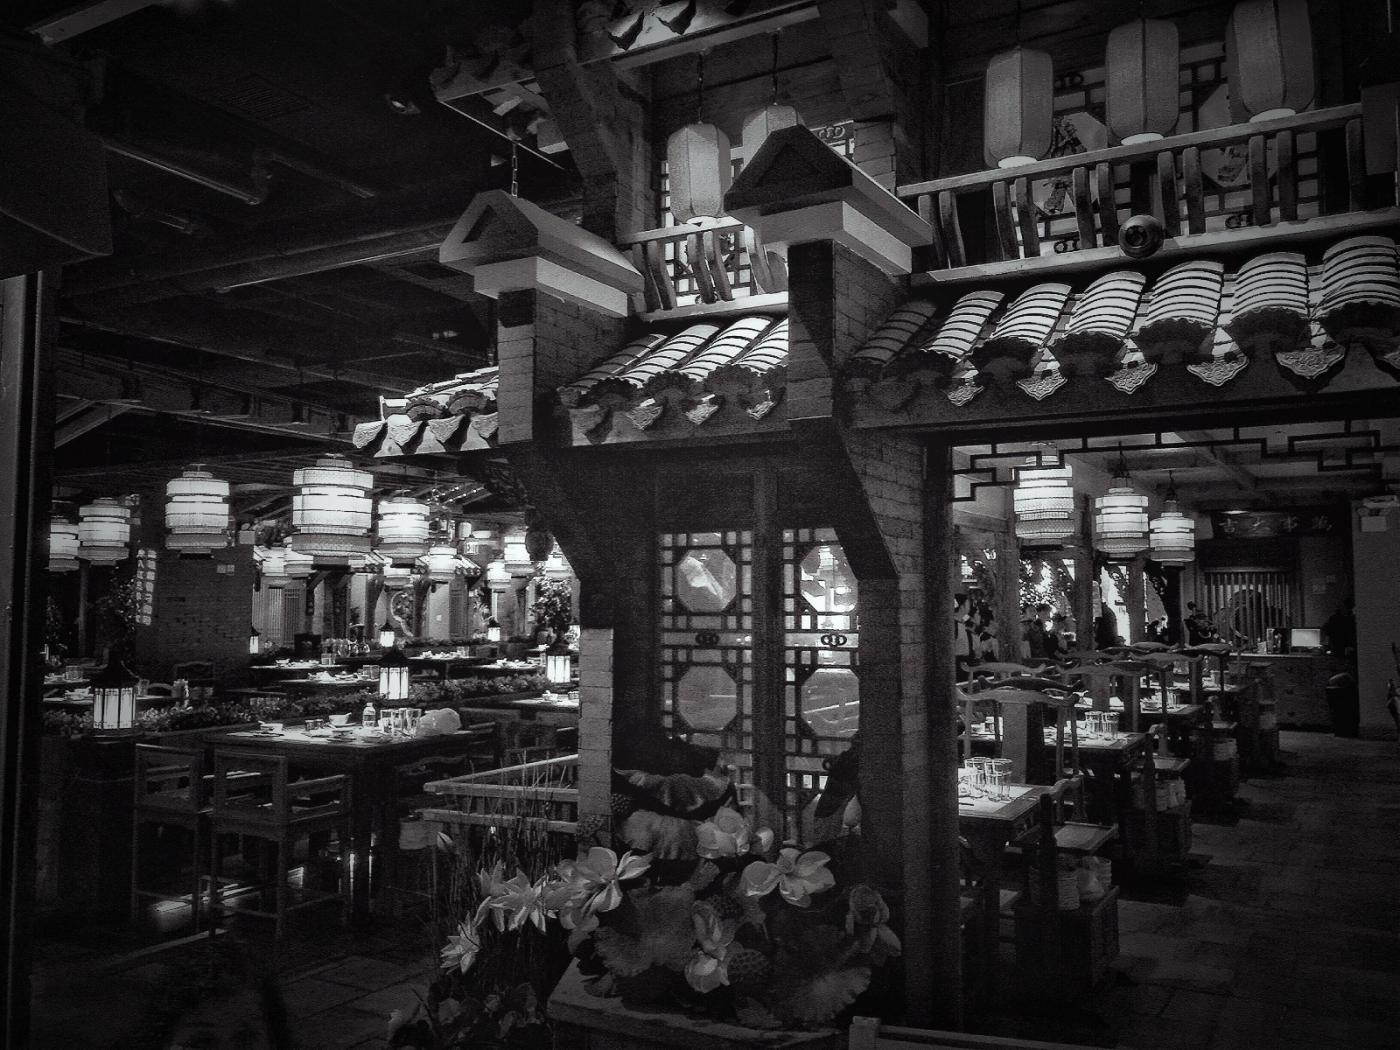 【盲流摄影】纽约法拉盛的中餐馆品味在提升-手机摄影_图1-28